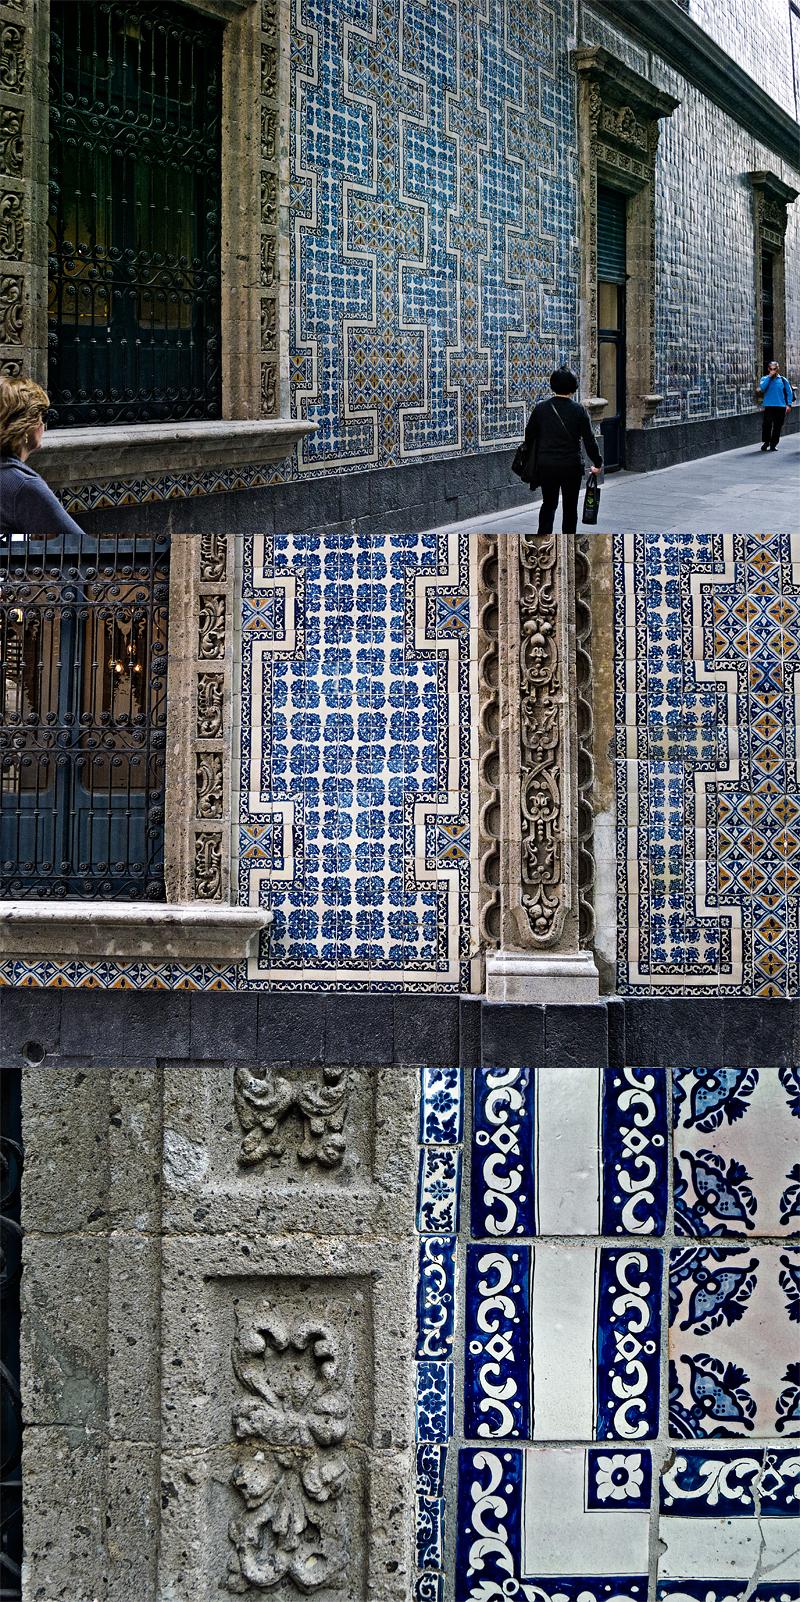 La casa de azulejos